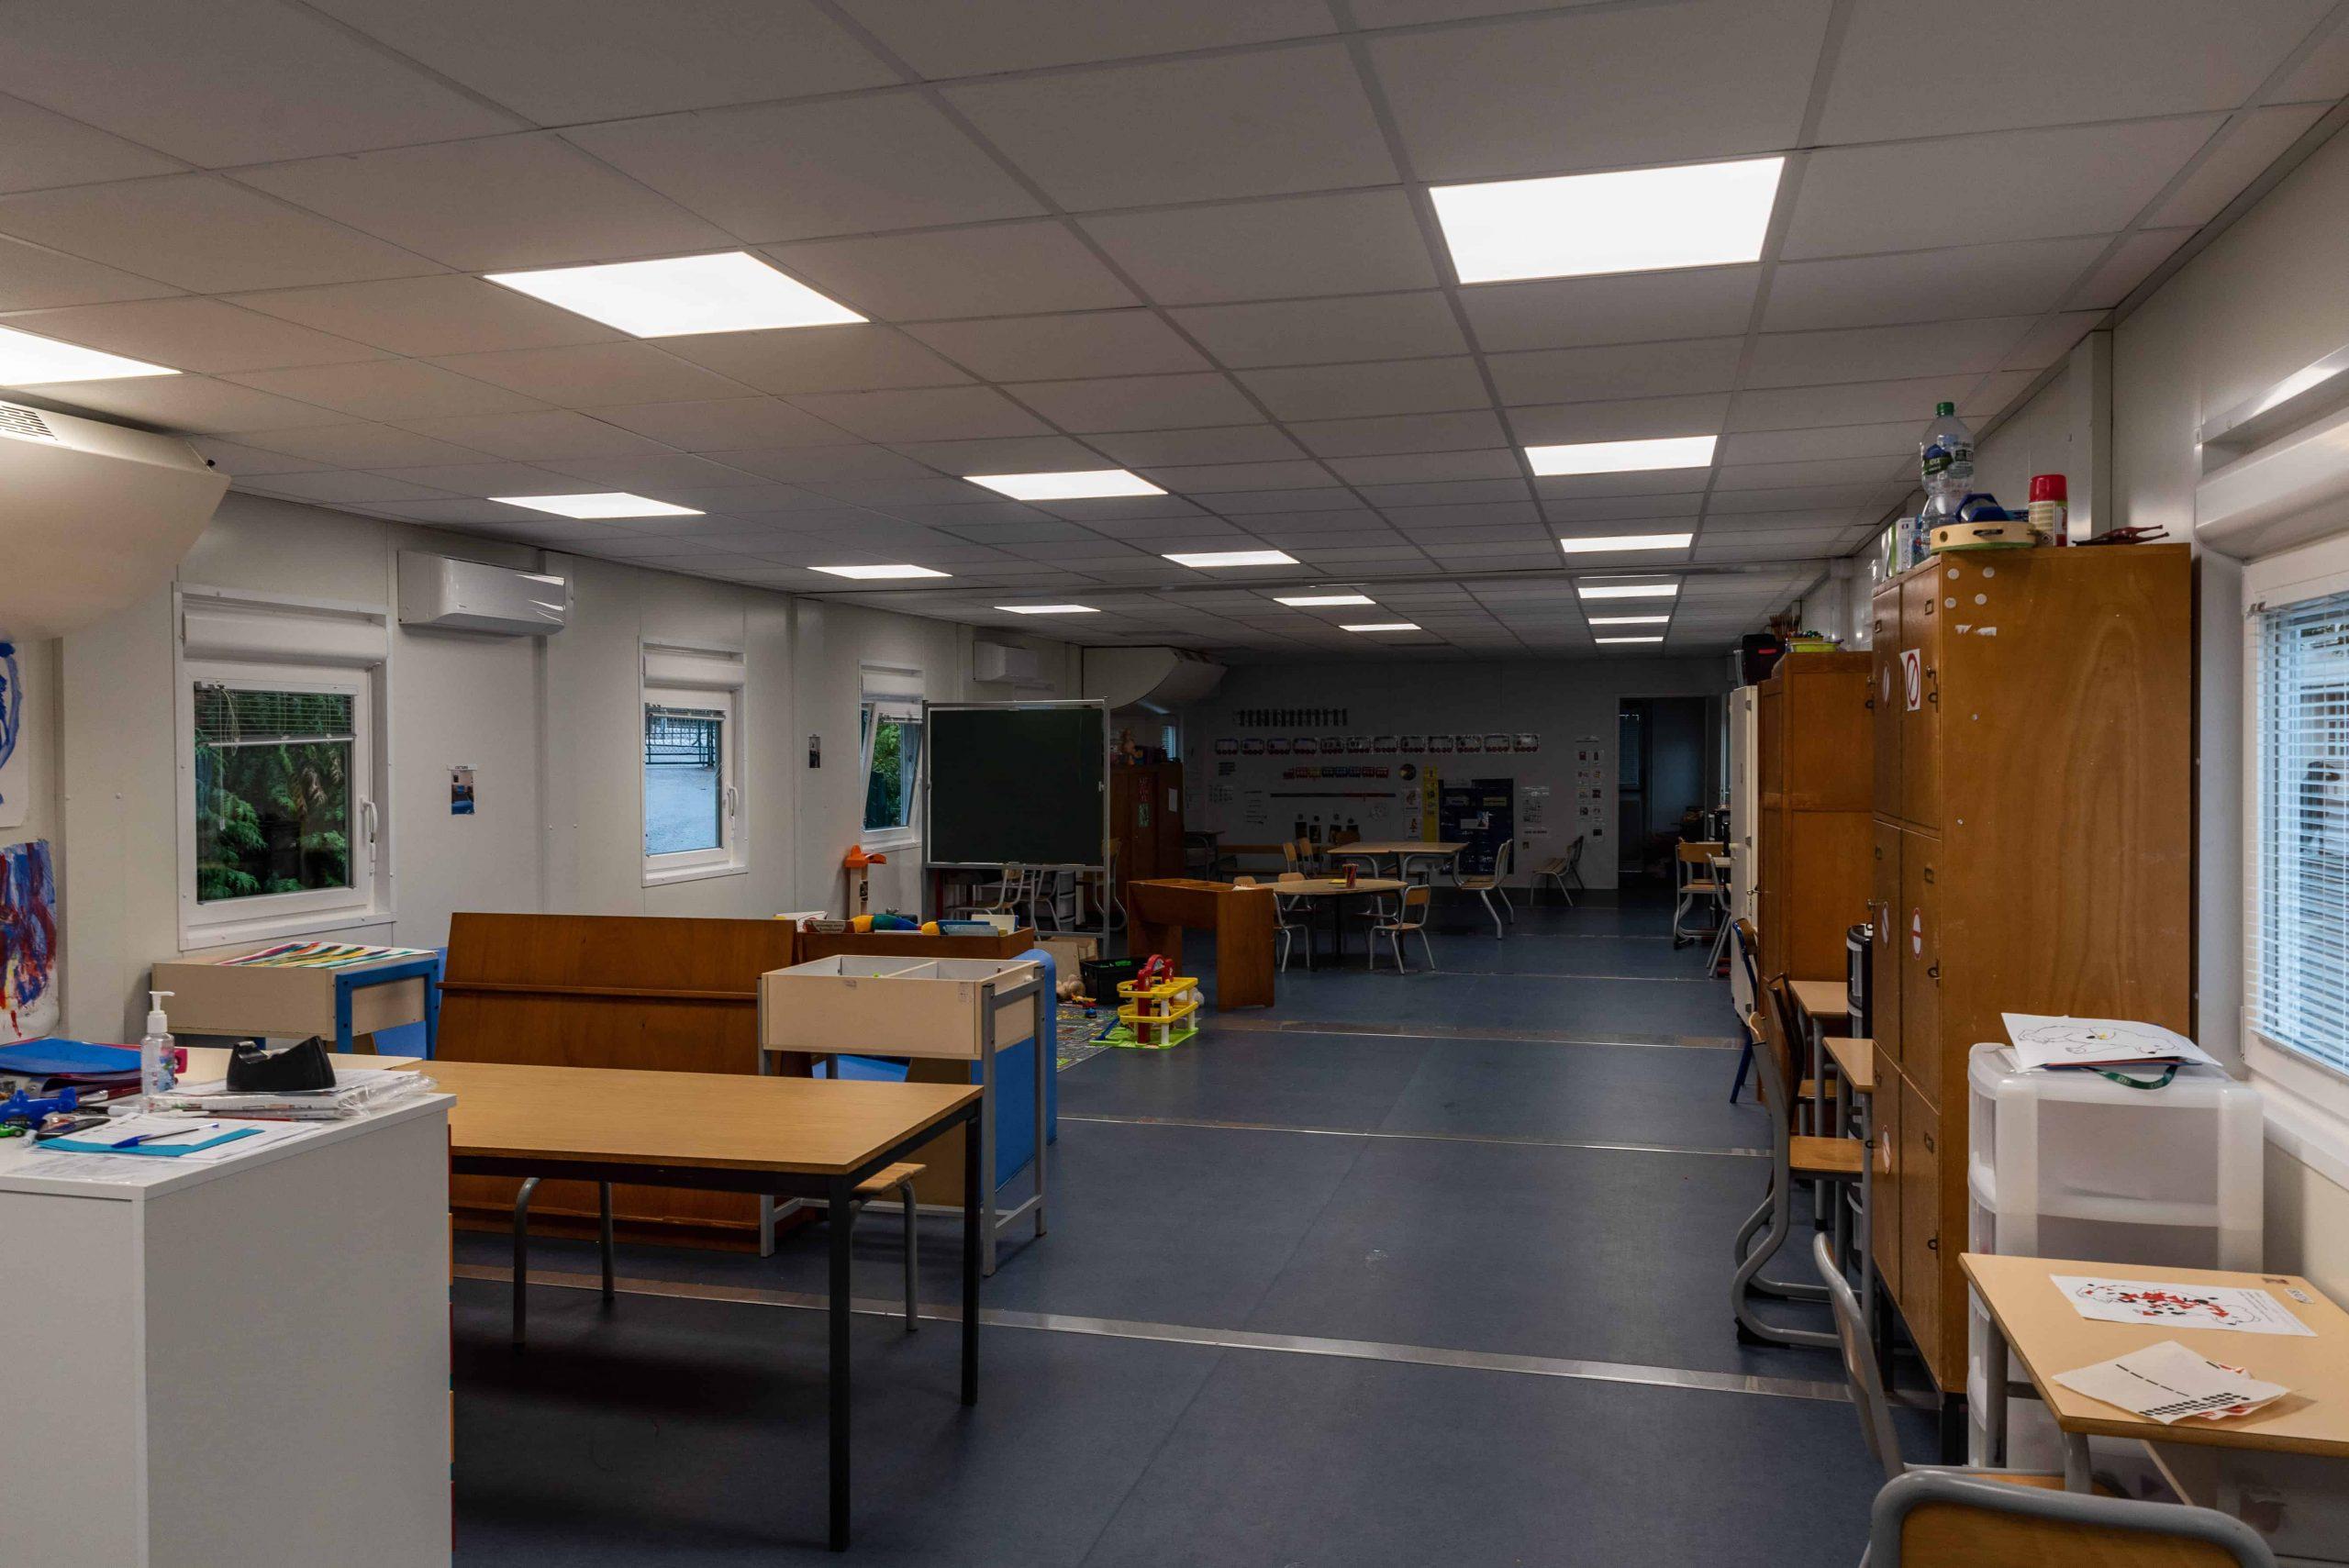 salle de classe modulaire en location